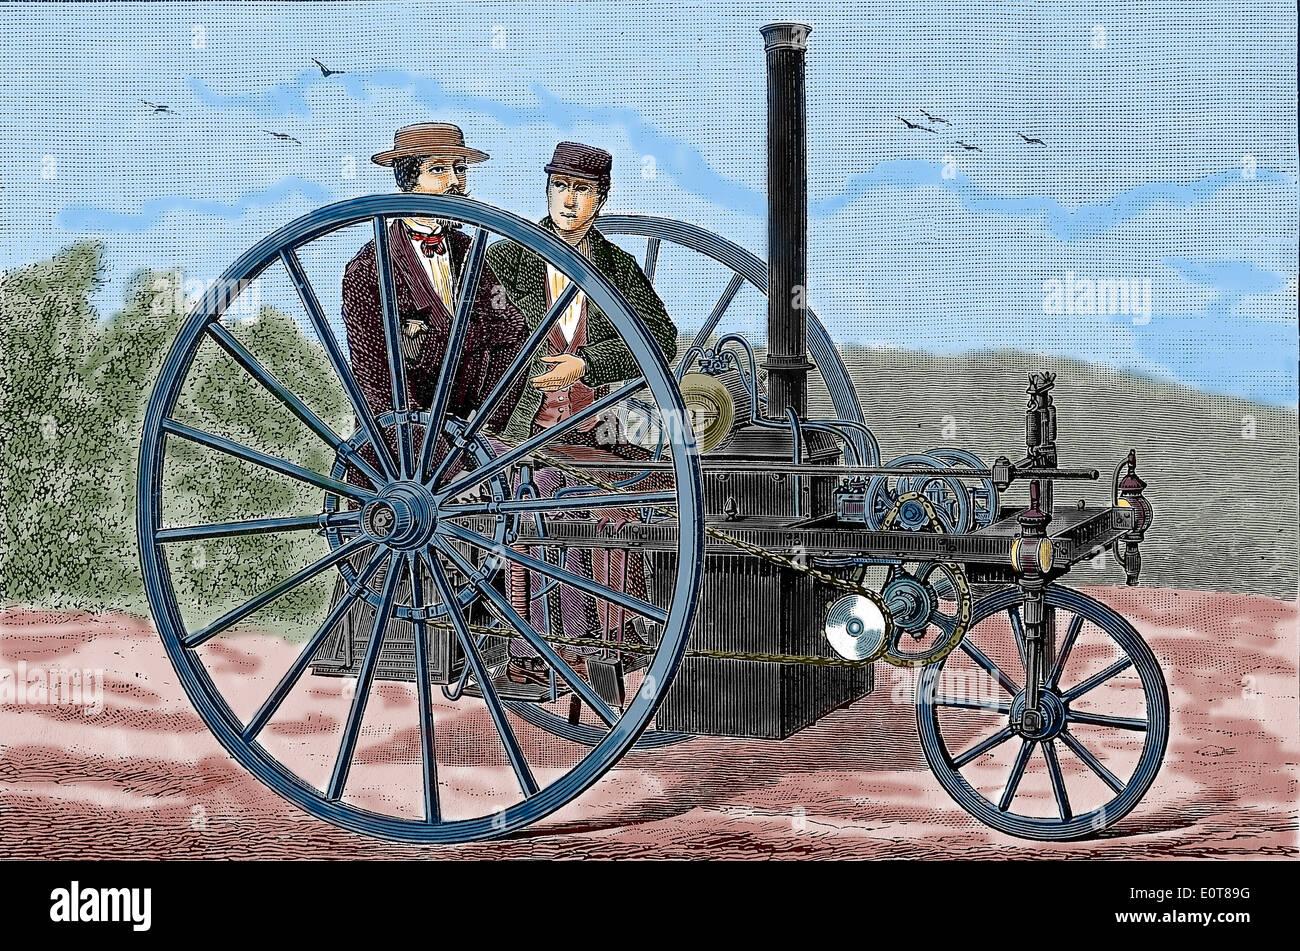 Geschichte des Automobils. Dampfgetriebene Radfahrzeuge. Kupferstich, 19. Jahrhundert. Spätere Färbung. Stockbild